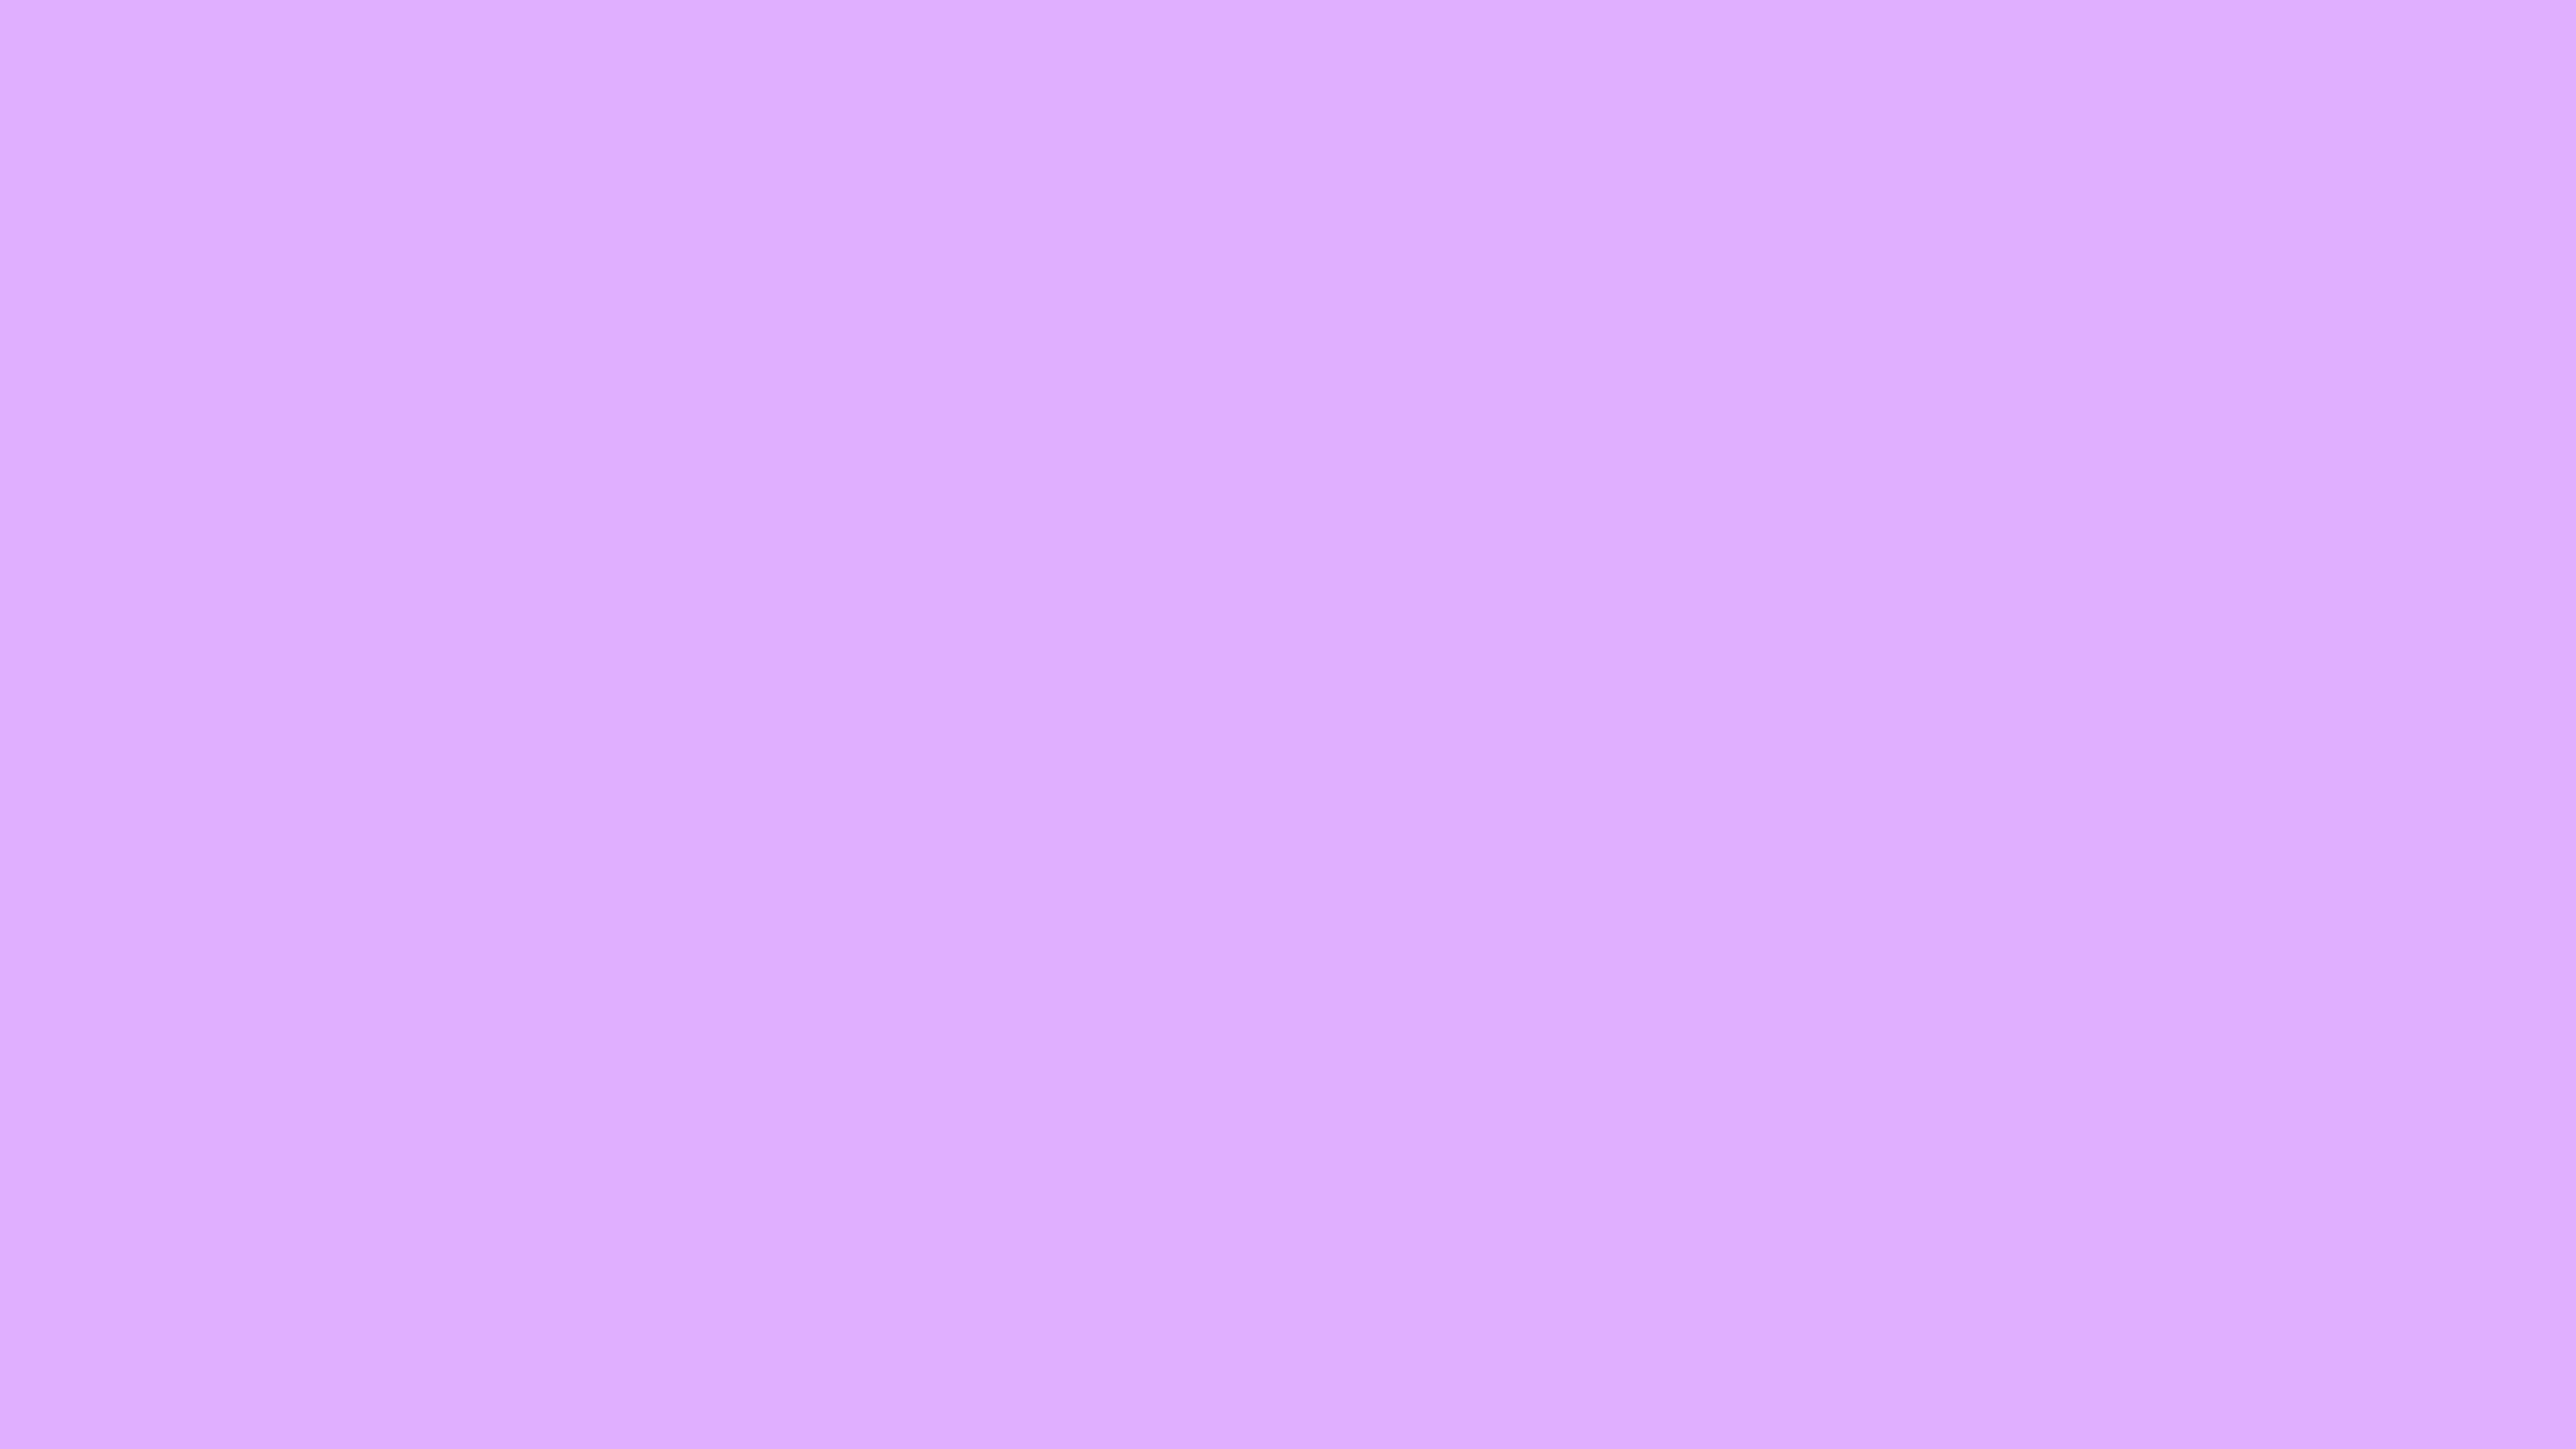 7680x4320 Mauve Solid Color Background